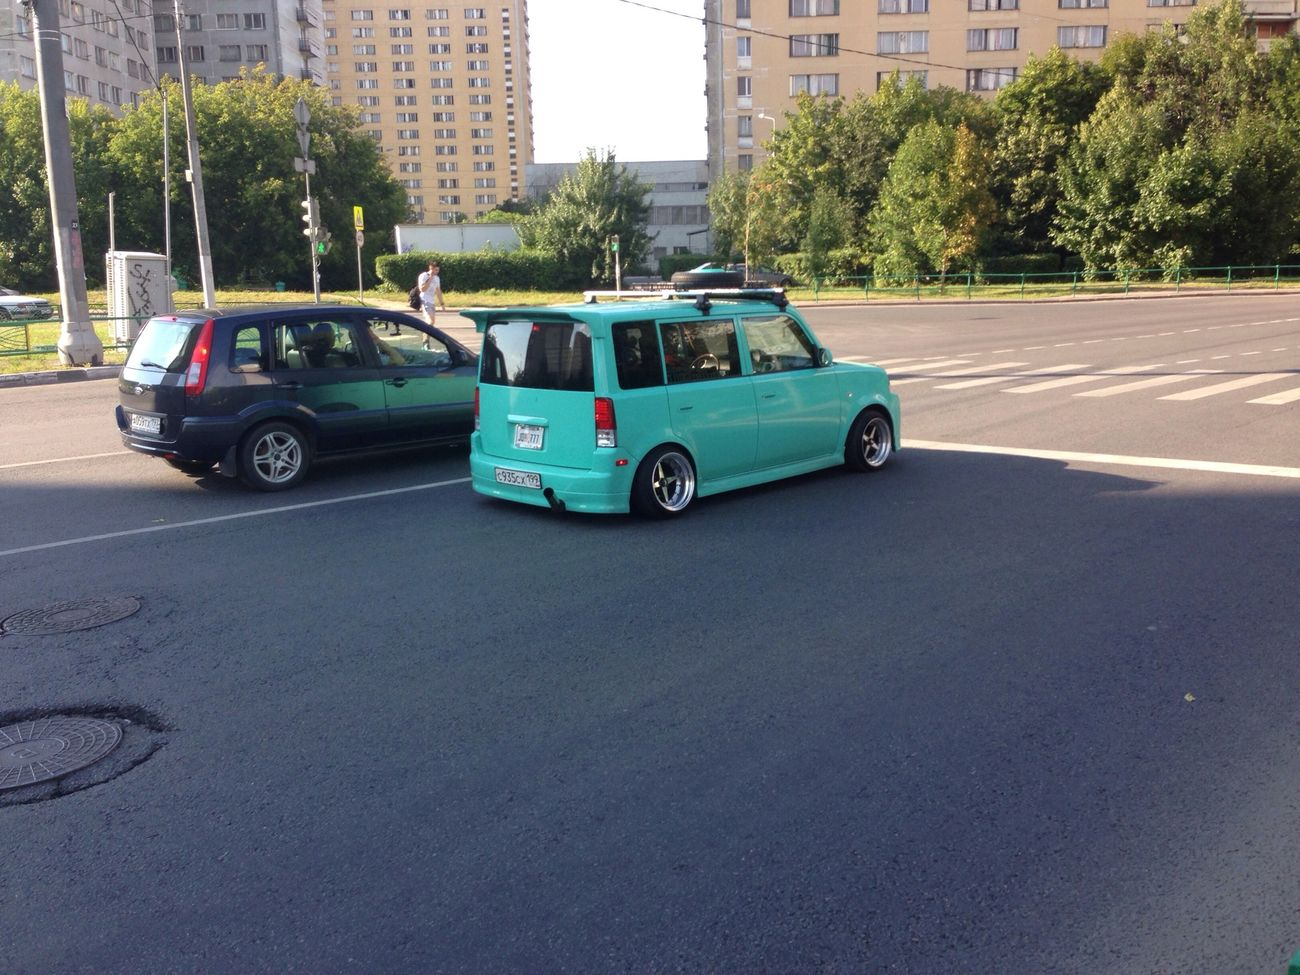 Carss I Love Cars ♥ Road Scion